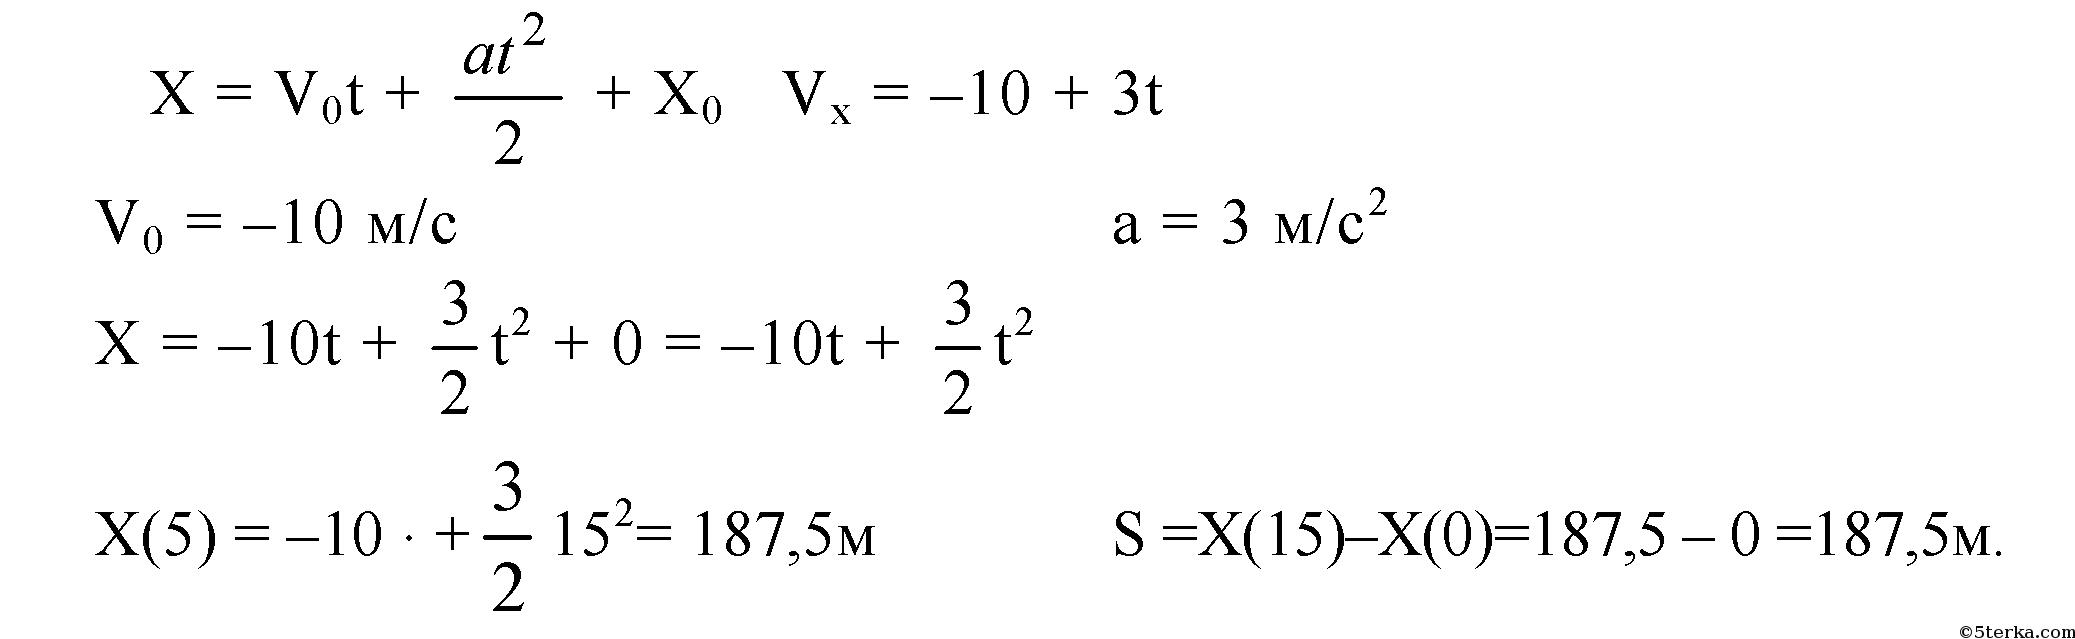 уравнение скорости материальной точки имеет вид